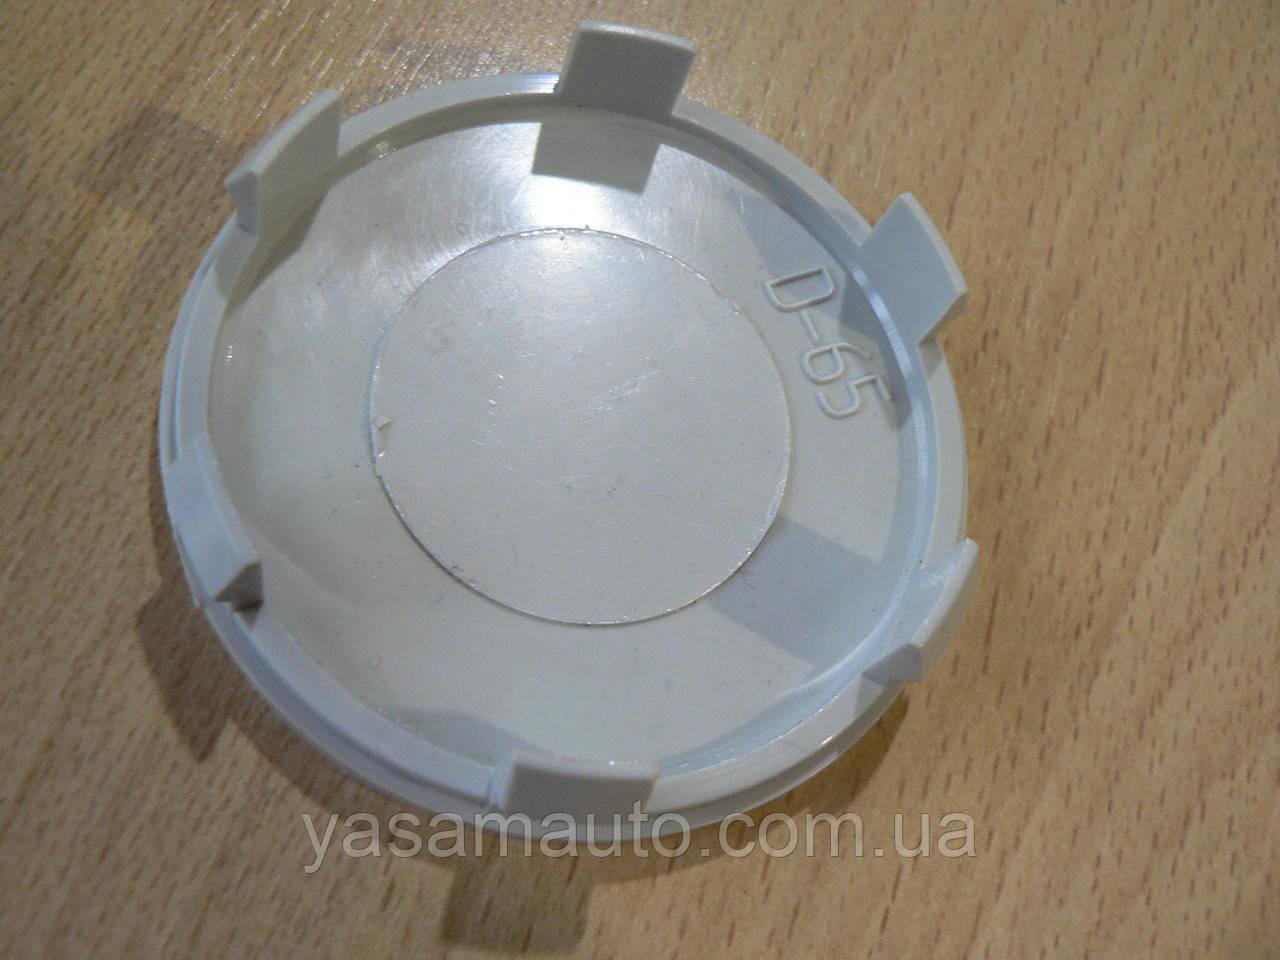 Колпачок серый 67,8/65,4/67,2мм 1шт вставка D65 заглушка диаметры в на литой диск пластиковая 6 ножек №10